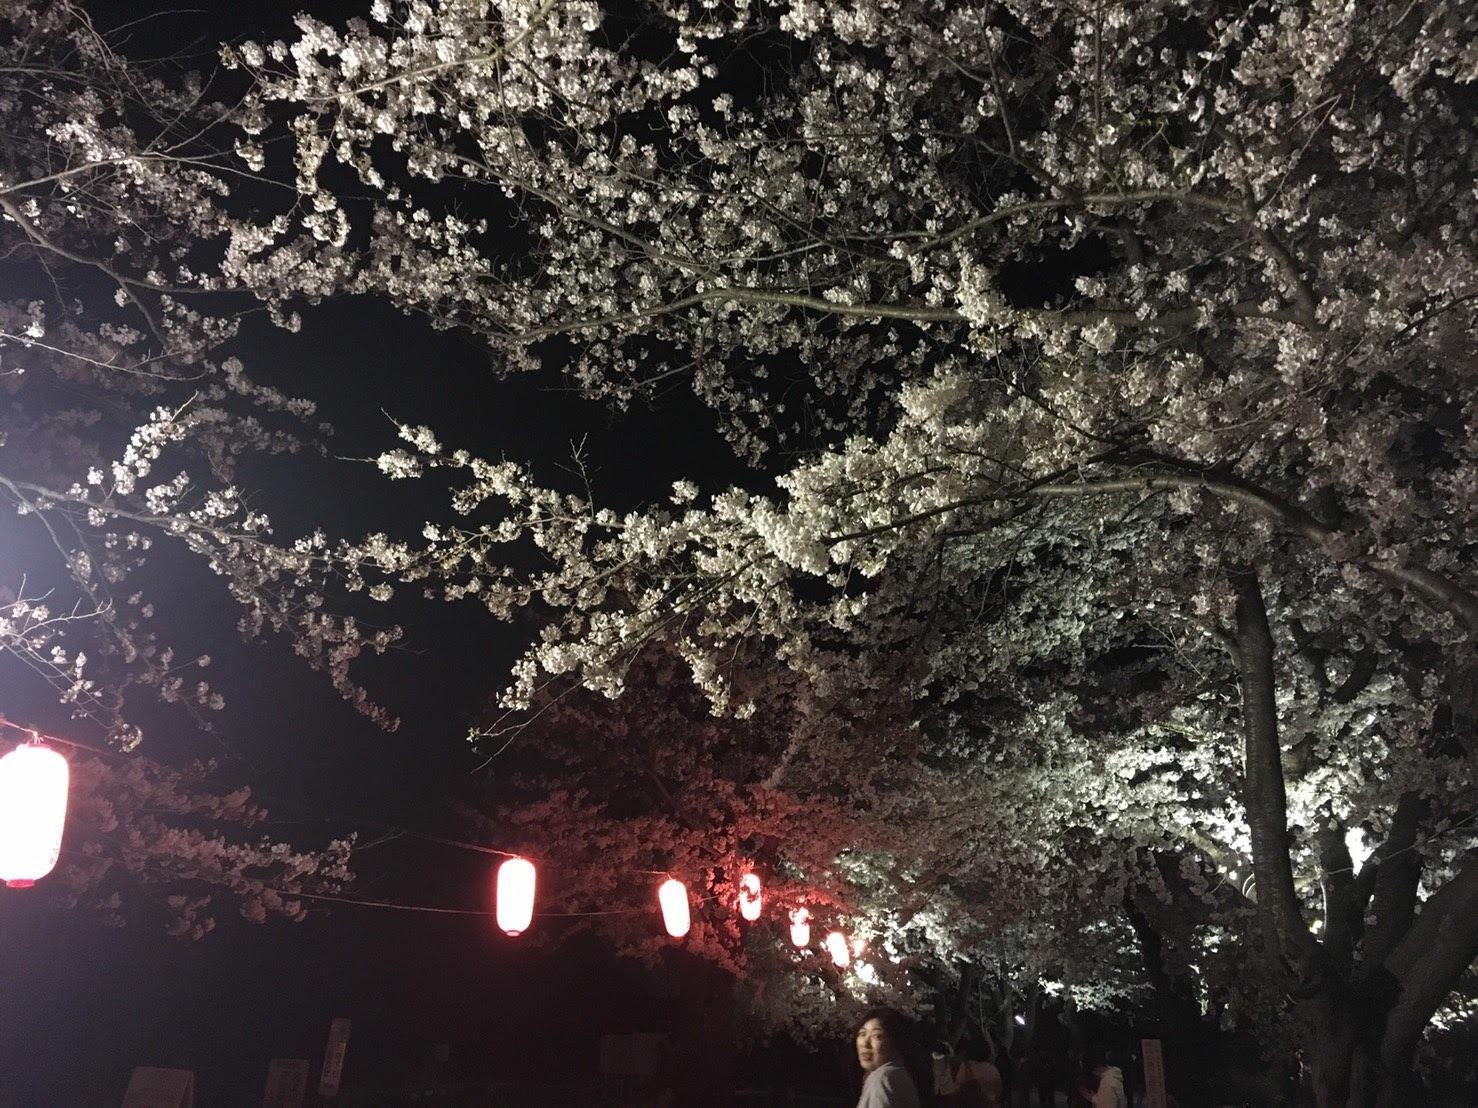 20170426_展勝地の夜桜�@.jpg